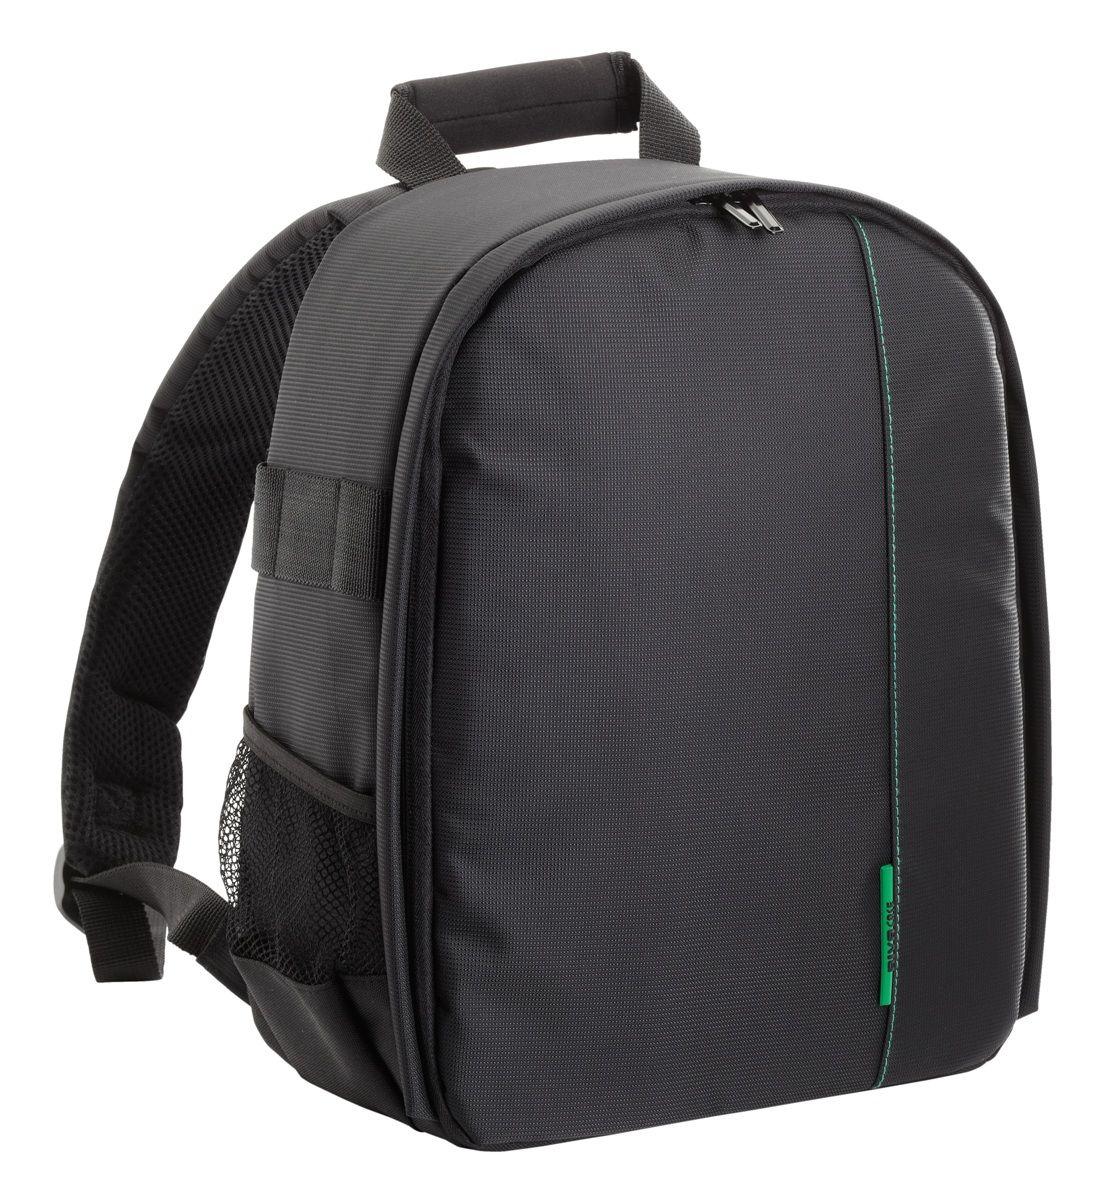 Riva 7460 SLR Backpack, Black рюкзак для зеркальной фотокамеры6469Riva 7460 SLR Backpack - стильный рюкзак для зеркальной фотокамеры с установленным объективом. Зеленая внутренняя подкладка из высококачественного нейлона надежно защитит вашу камеру от случайных ударов и царапин, а также от пыли и влаги. Дополнительно возможно разместить 2 объектива, вспышку, бинокль с помощью системы внутренних передвижных перегородок. Основное отделение закрывается на двойную застежку «молнию» и обеспечивает быстрый доступ к фотокамере и объективам. Для удобства также предусмотрены два внешних боковых кармана для аксессуаров или емкостей с водой и два внутренних кармана для карт памяти и аксессуаров. Боковые петли рюкзака можно использовать для переноски штатива. Мягкая спинка и уплотненные регулируемые наплечные ремни и ручка для переноски в руках предусмотрены для длительного комфортного ношения рюкзака.